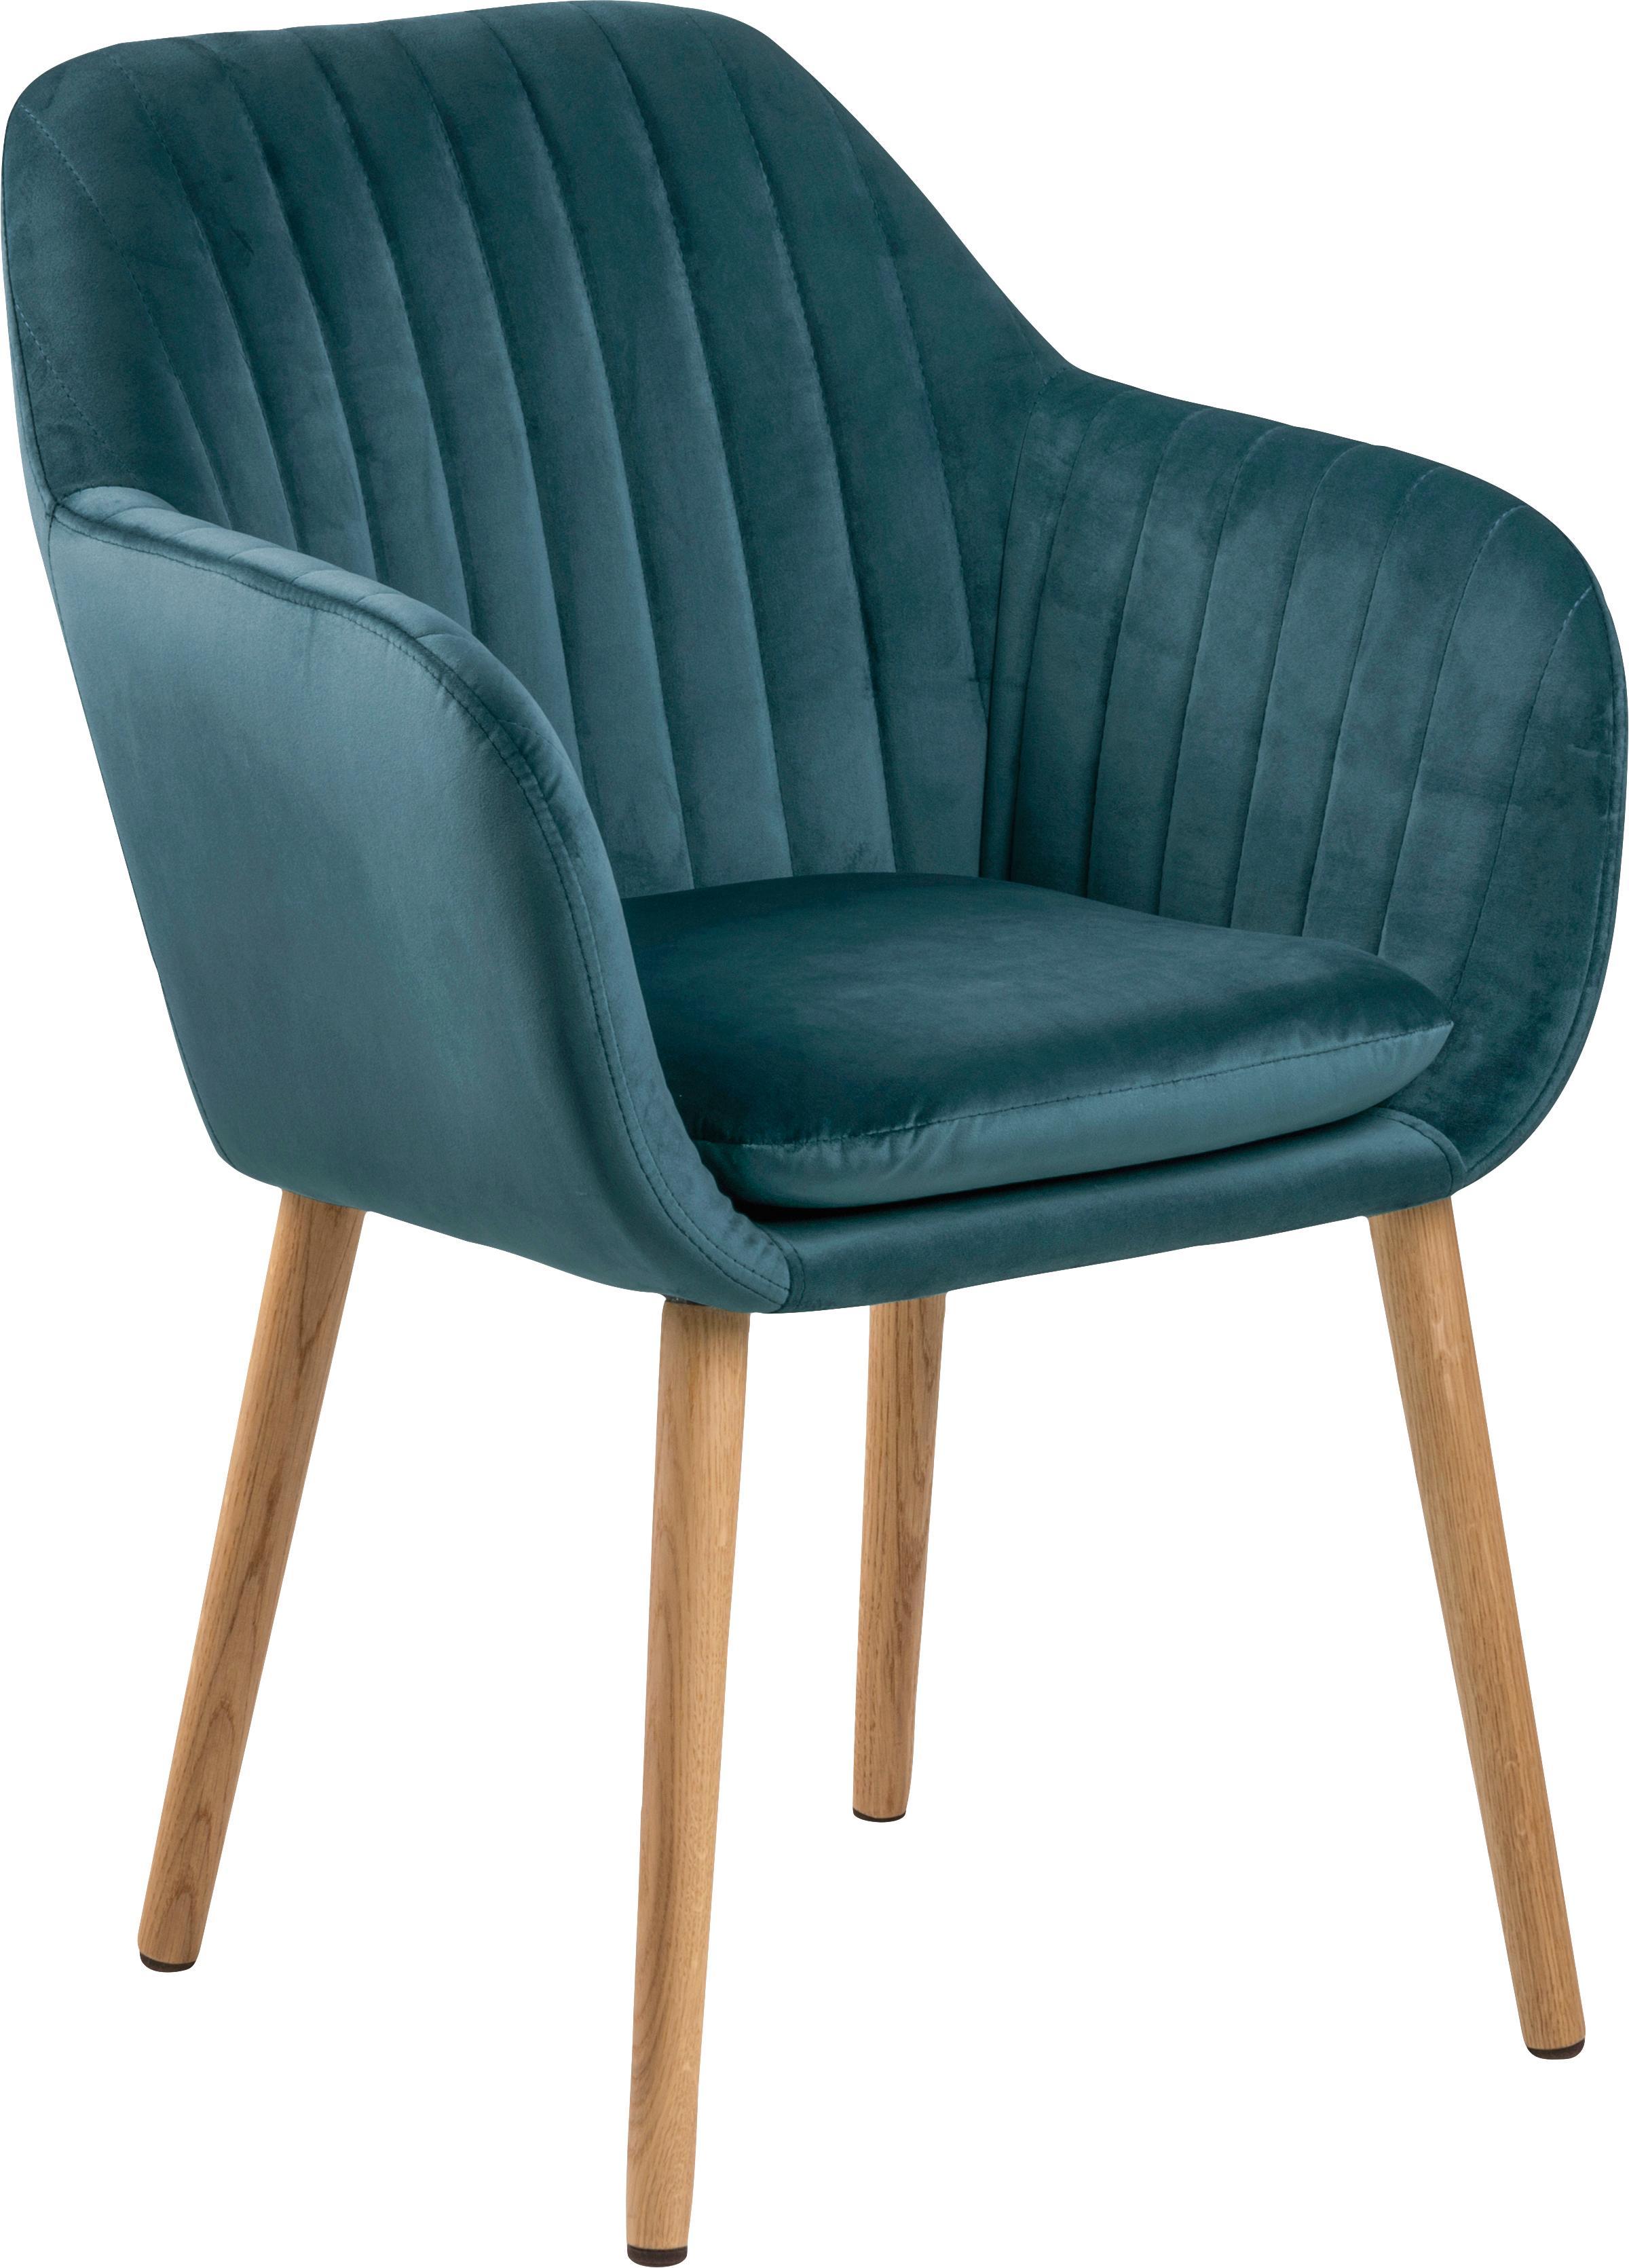 Krzesło z podłokietnikami z aksamitu Emilia, Tapicerka: poliester (aksamit), Nogi: drewno dębowe, olejowane , Tapicerka: butelkowy zielony Nogi: drewno dębowe, S 57 x G 59 cm